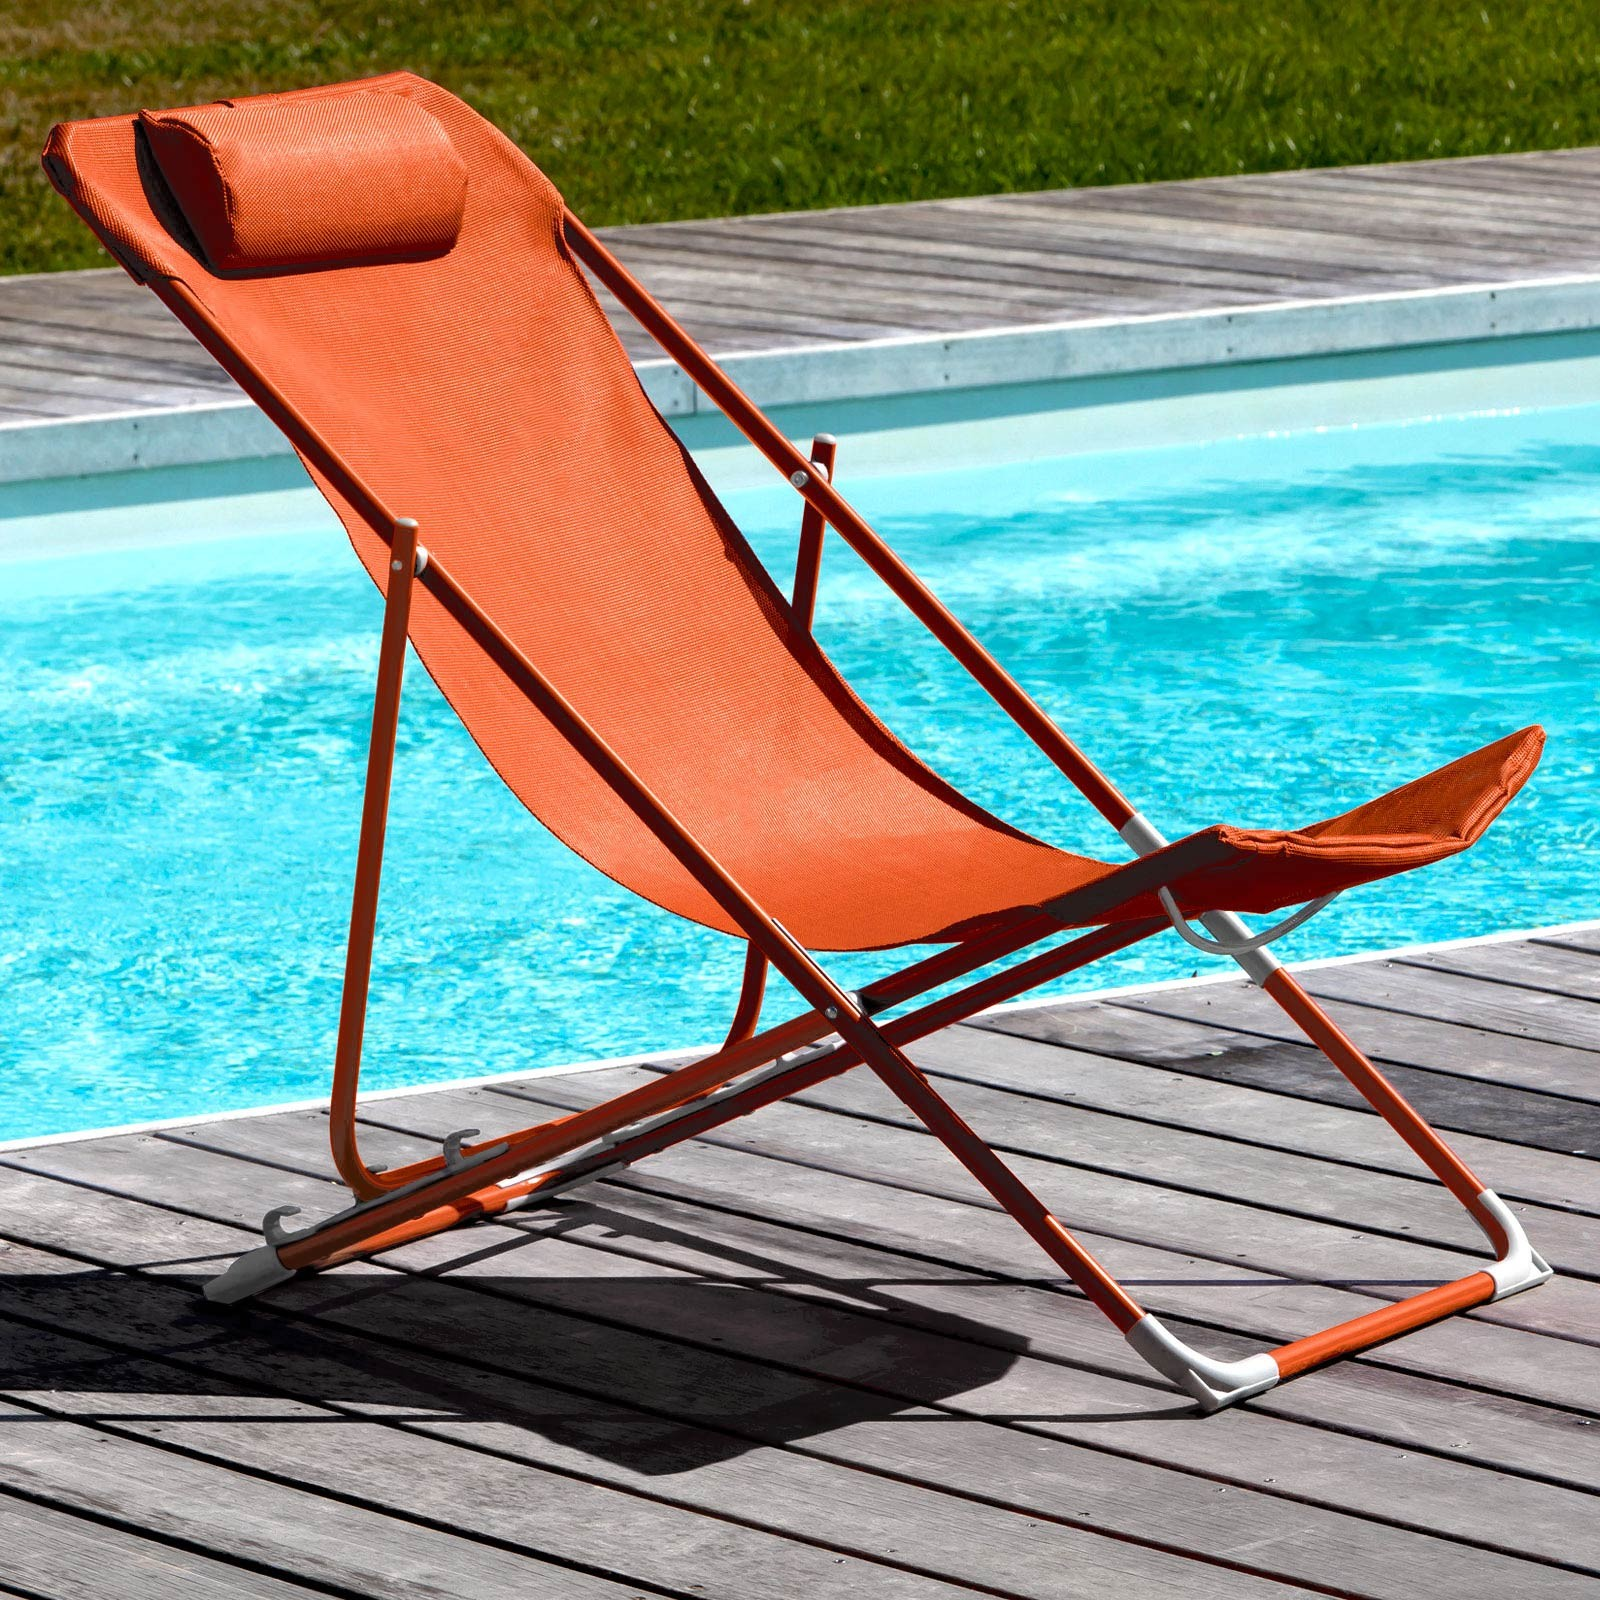 Acheter Chaise Longue Lot De 2 Previous